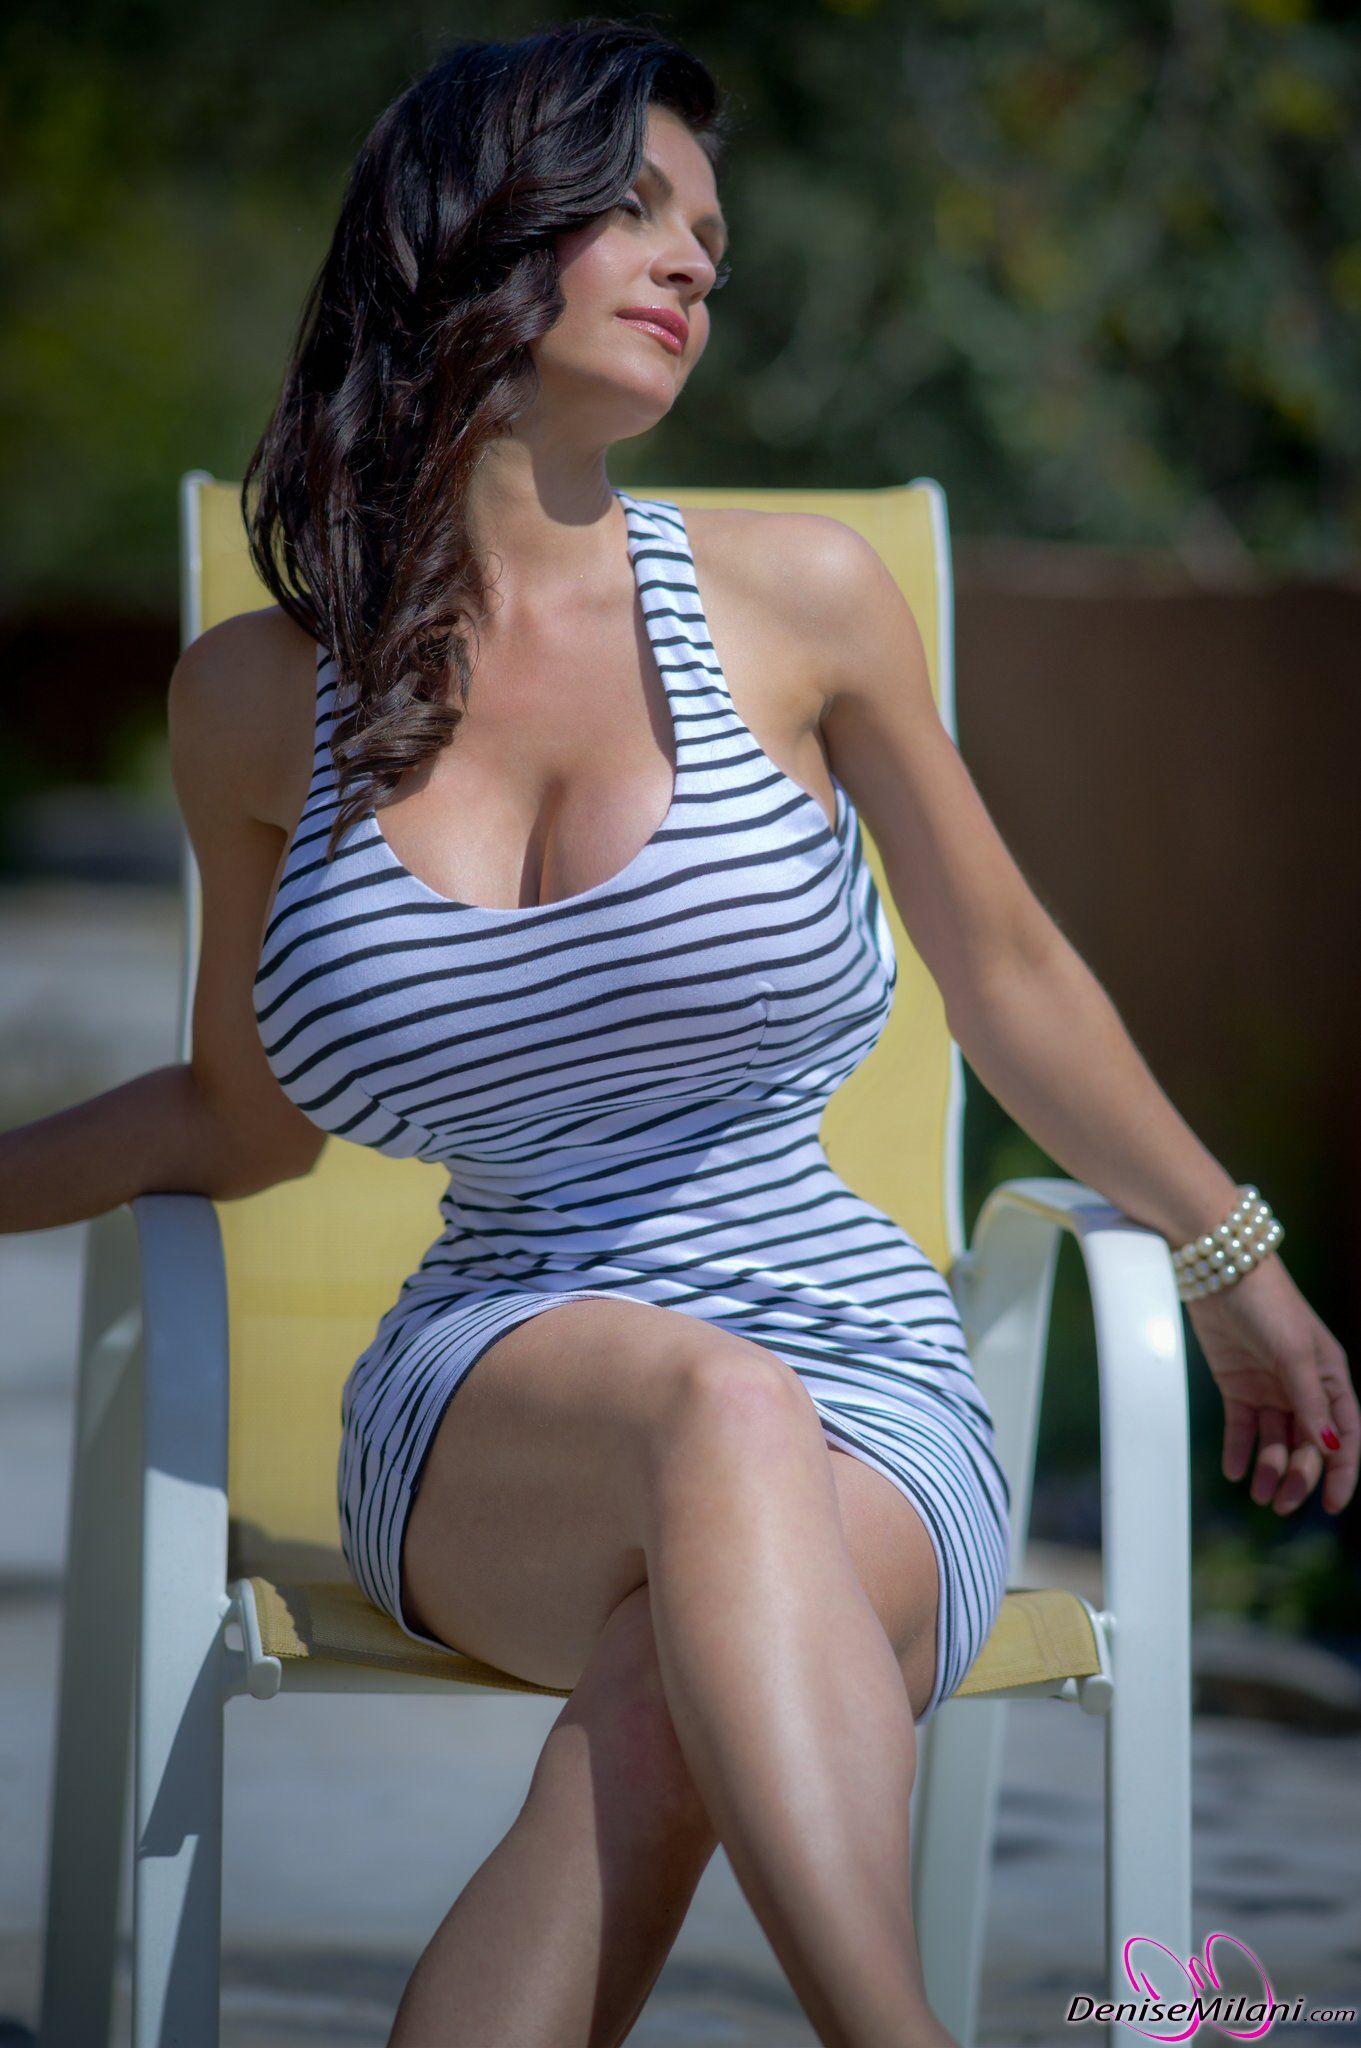 Curvy naked girl masterbating gif